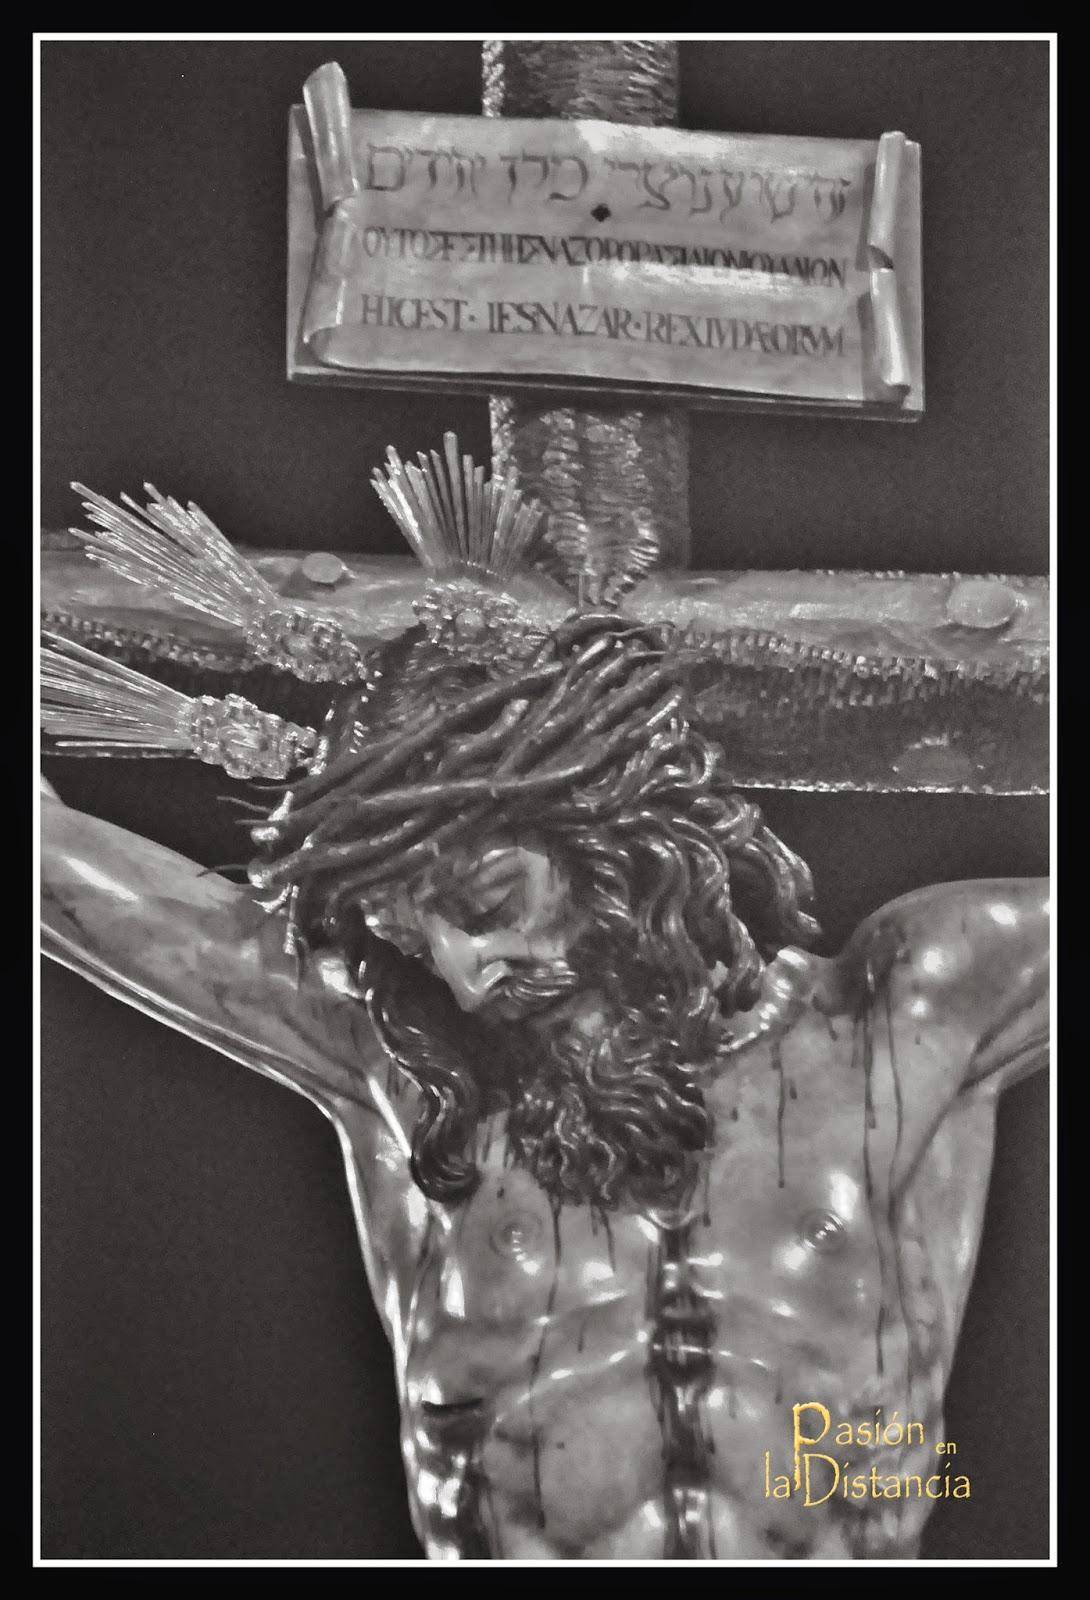 Cristo-de-la-sangre-san-benito-2015